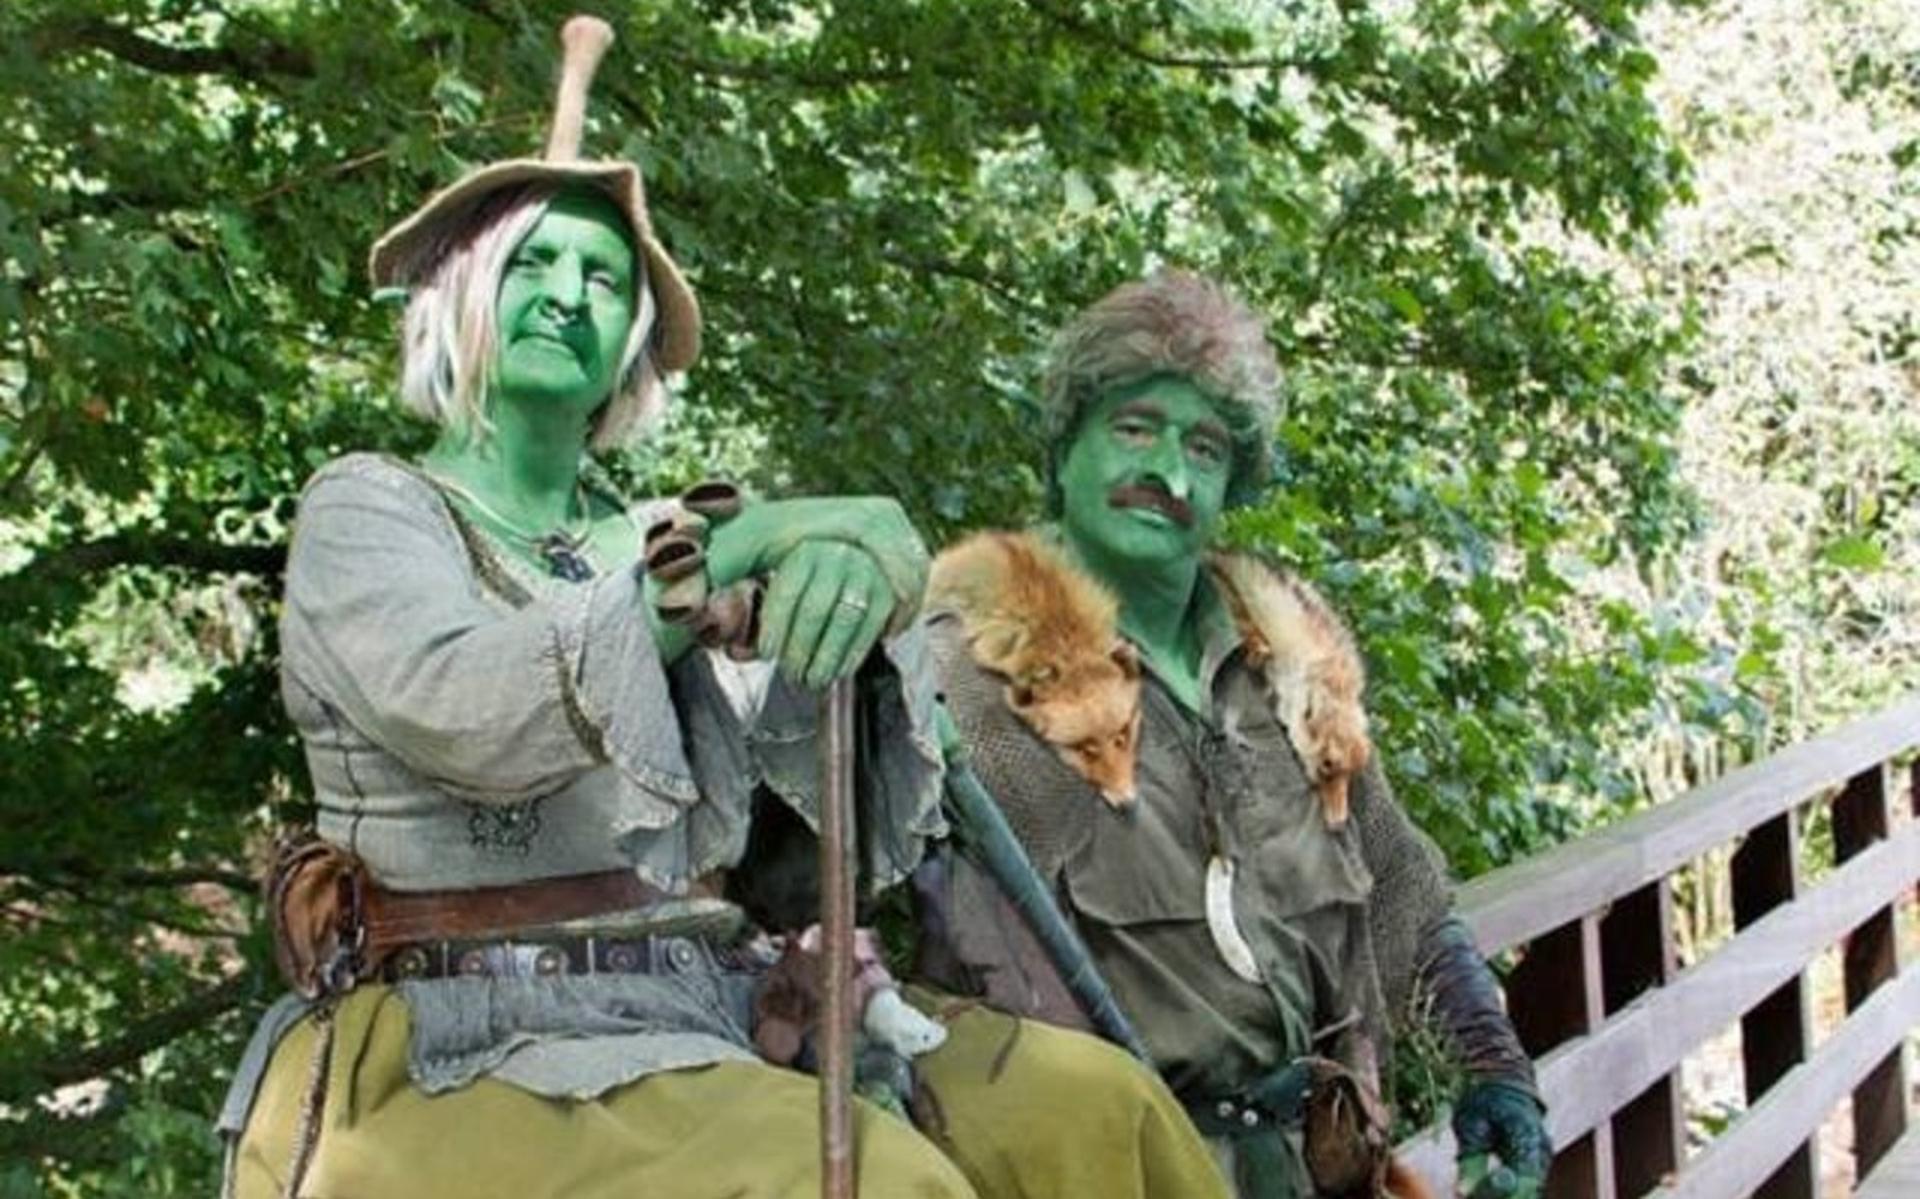 Rensenpark Omgetoverd In Wereld Vol Sprookjesfiguren Tijdens Fable En Fantasy Festival Hoogeveensche Courant